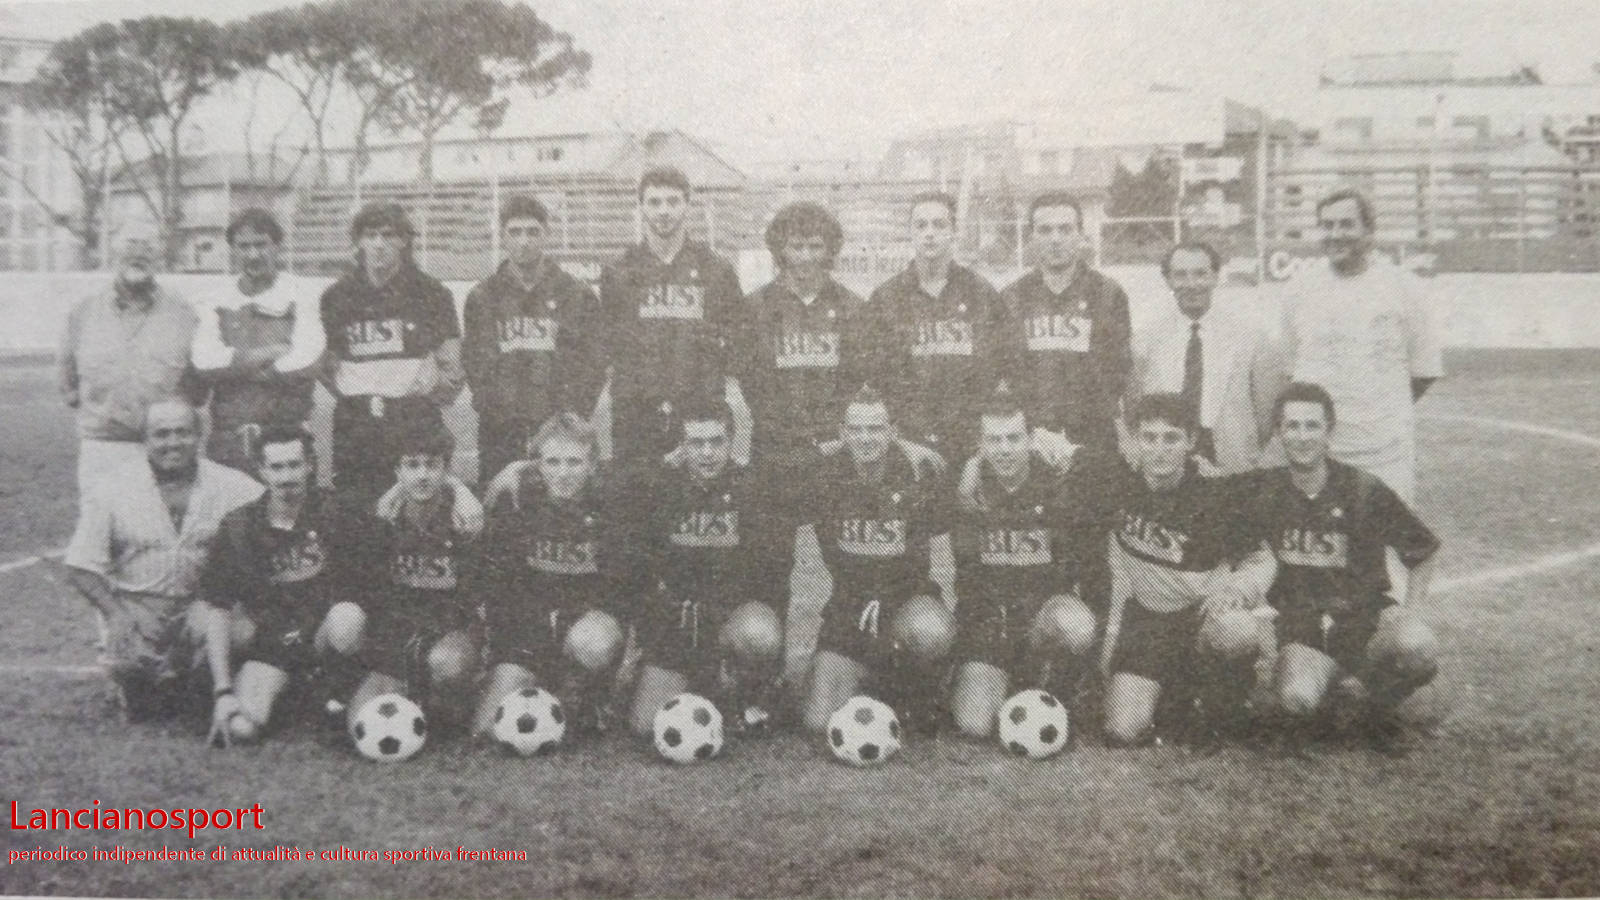 La vittoria nella Promozione 1992-93: quando col Lanciano 90 dell'ingegner Mercadante cominciò la risalita